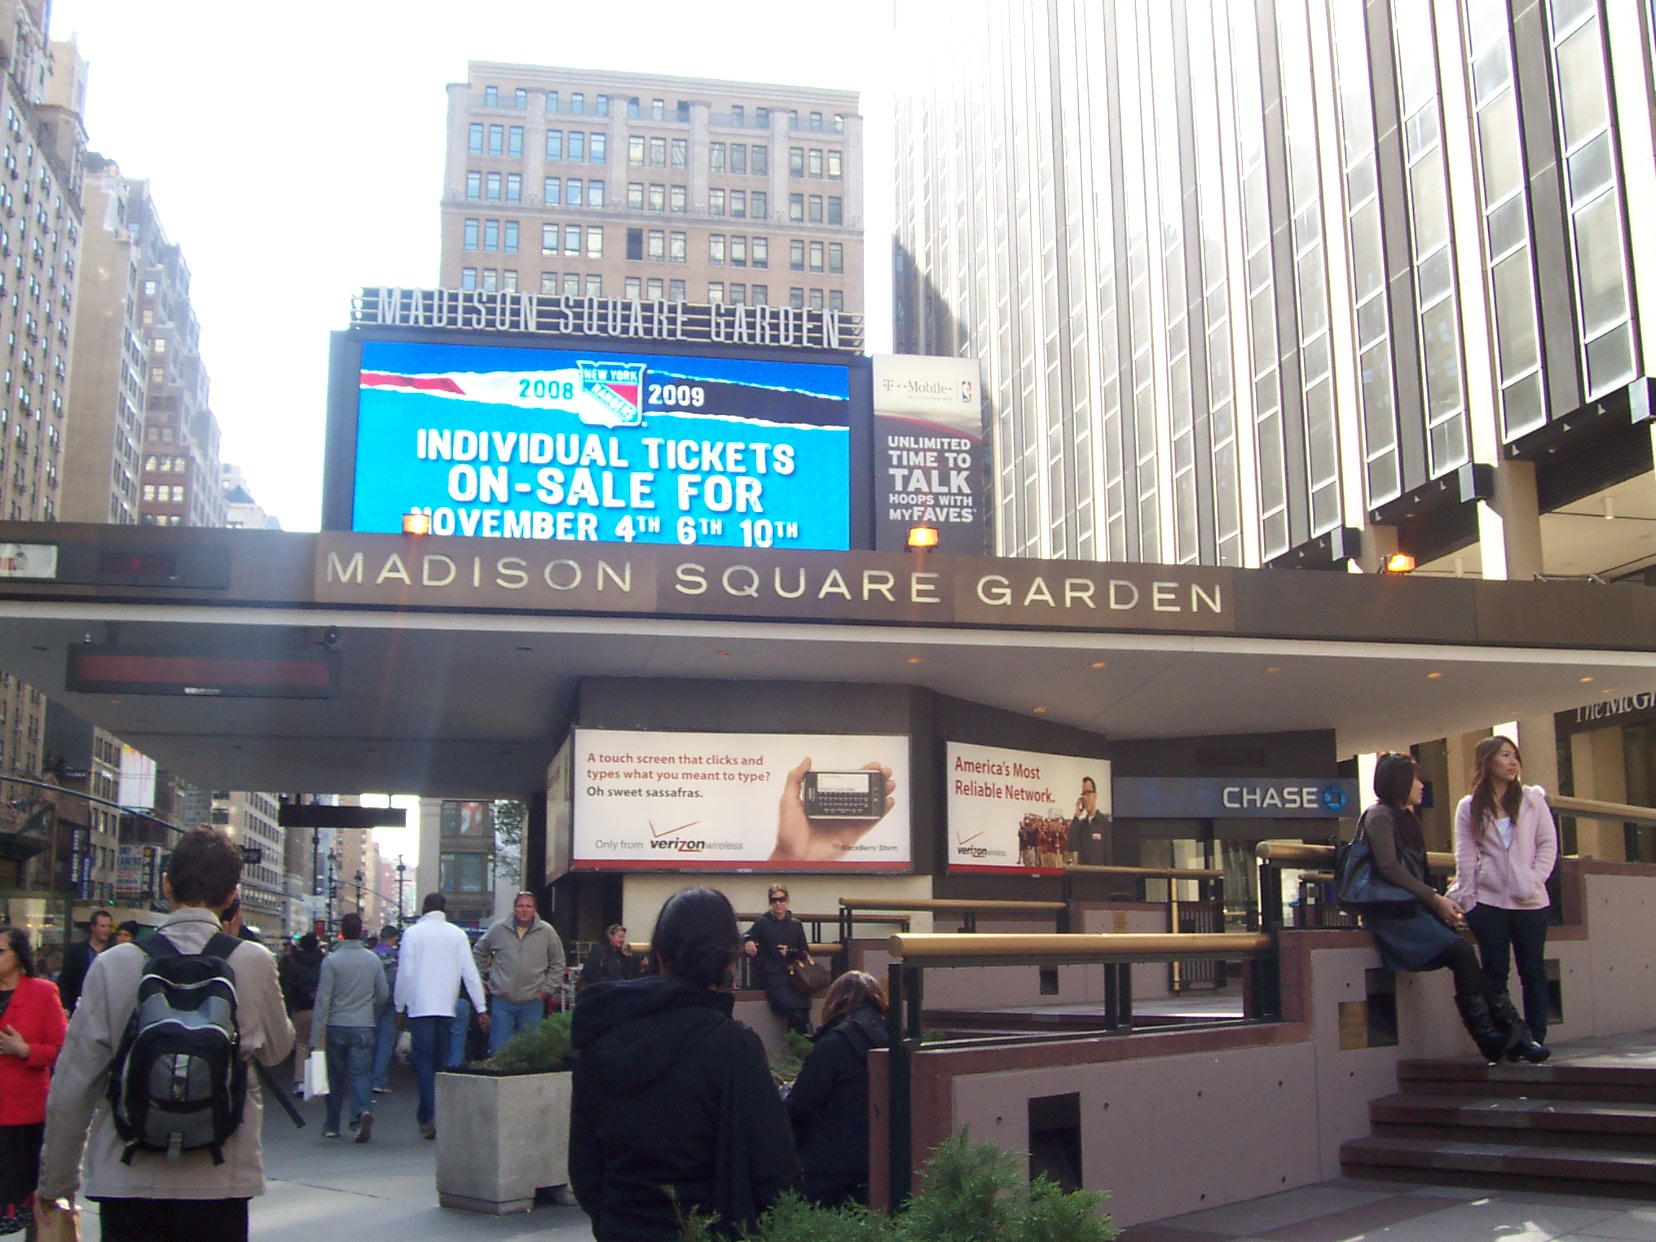 Ufc Planeja Seu Anivers Rio De 20 Anos No Madison Square Garden Com Spider E Jones Blog News Mma